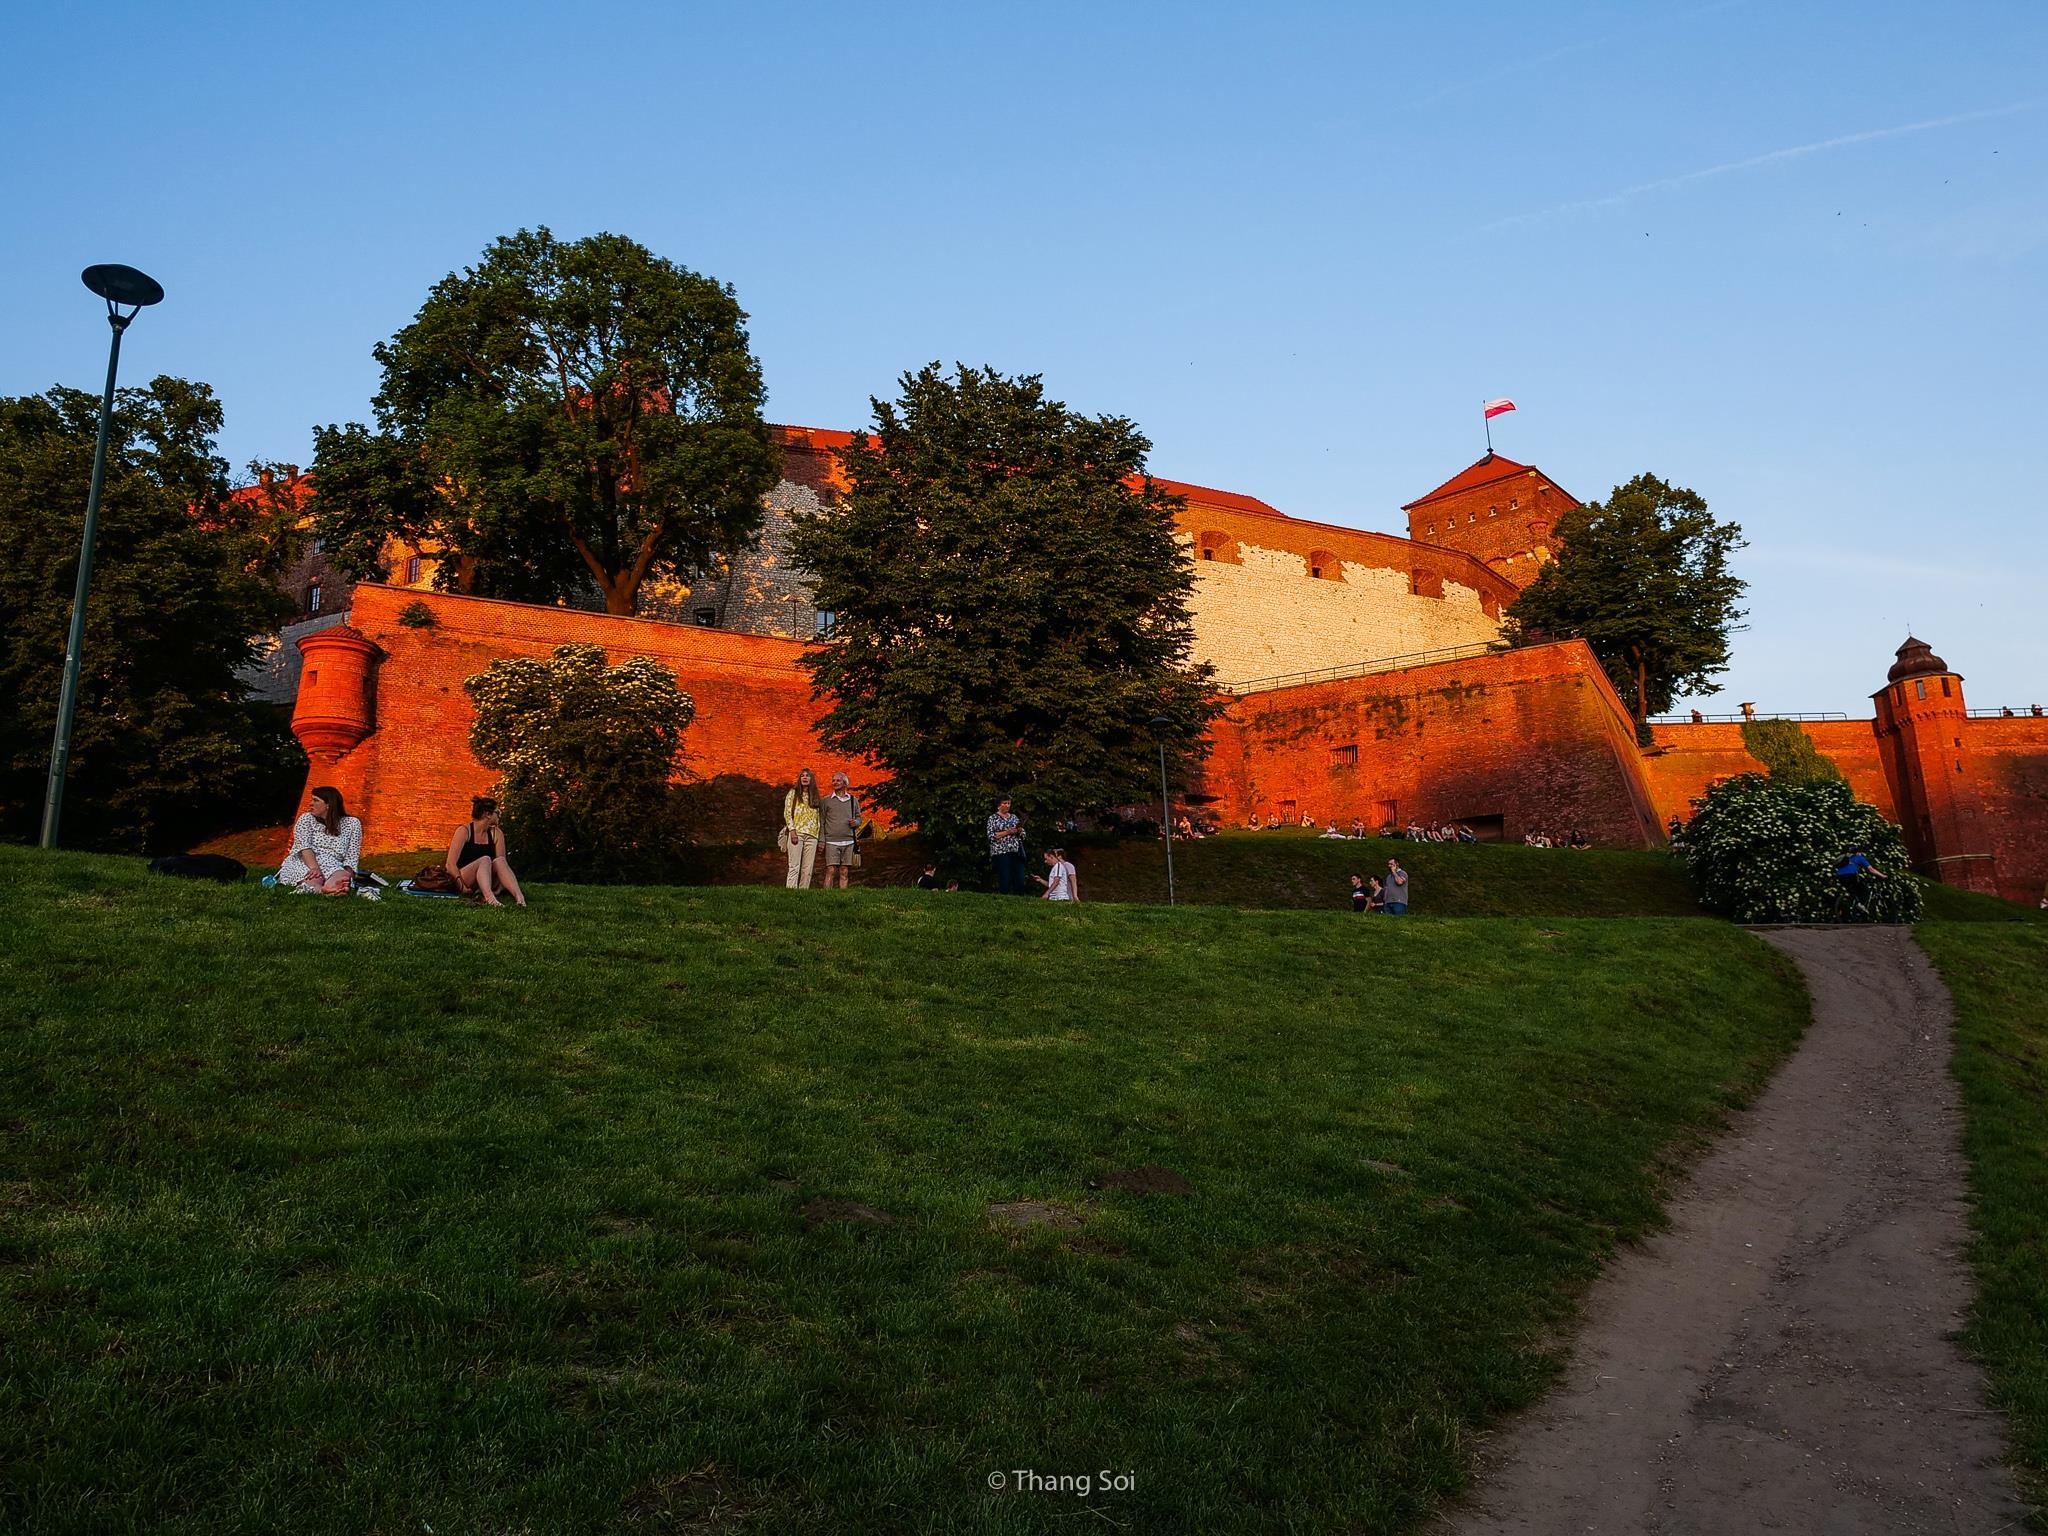 Krakow, kinh do co phai ghe tham khi den Ba Lan hinh anh 57